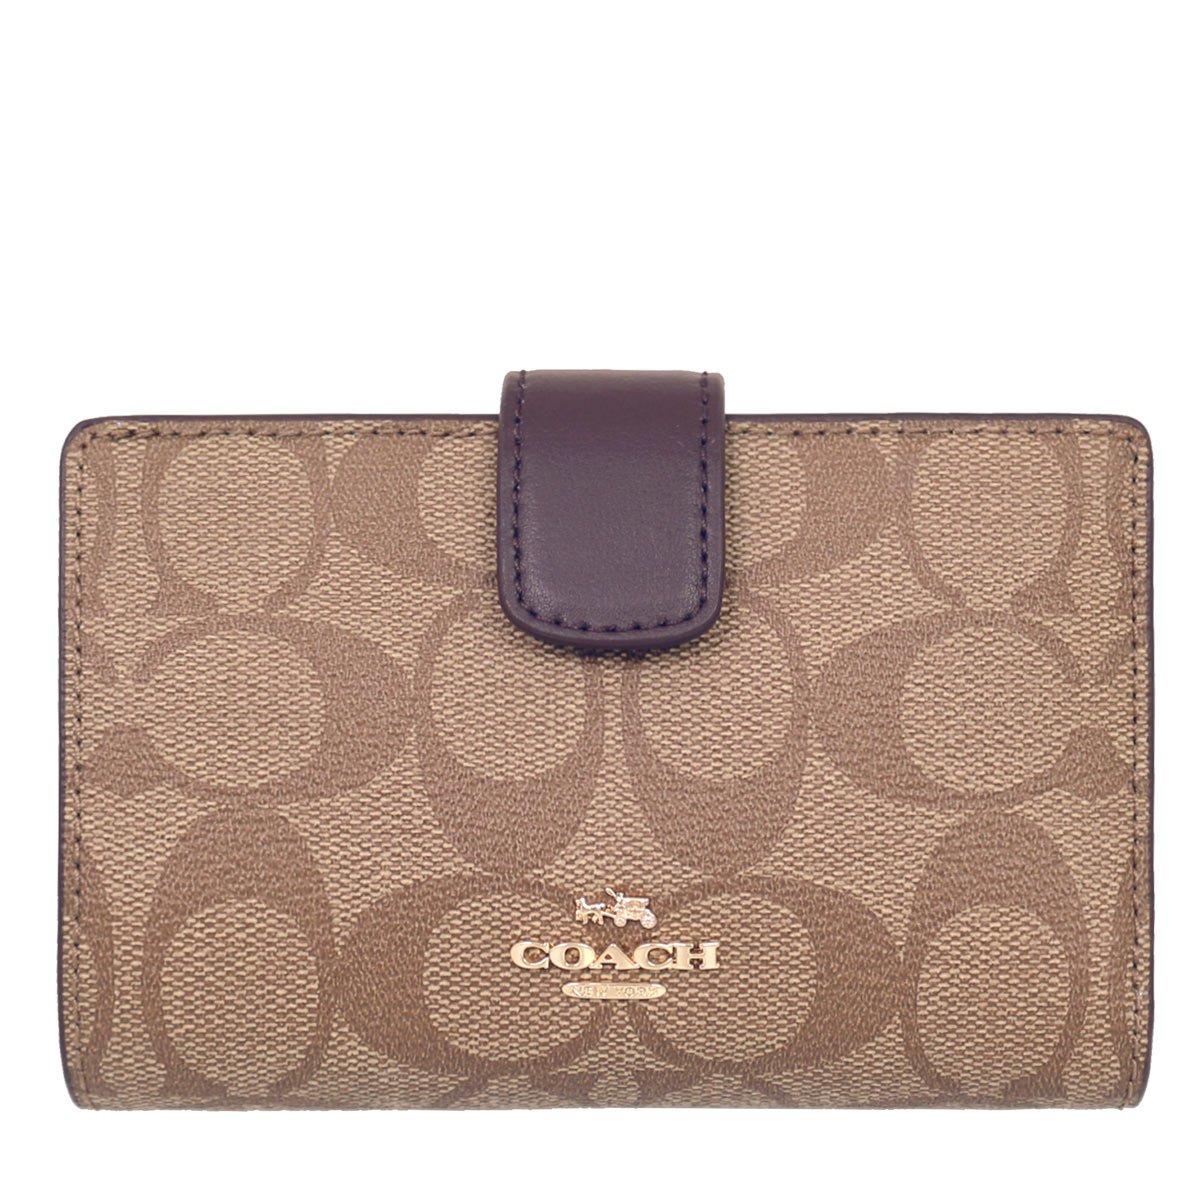 [コーチ] COACH 財布 (二つ折り財布) F54023 シグネチャー 財布 レディース [アウトレット品] [並行輸入品] B077FSQS3K  カーキ/オックスブラッド